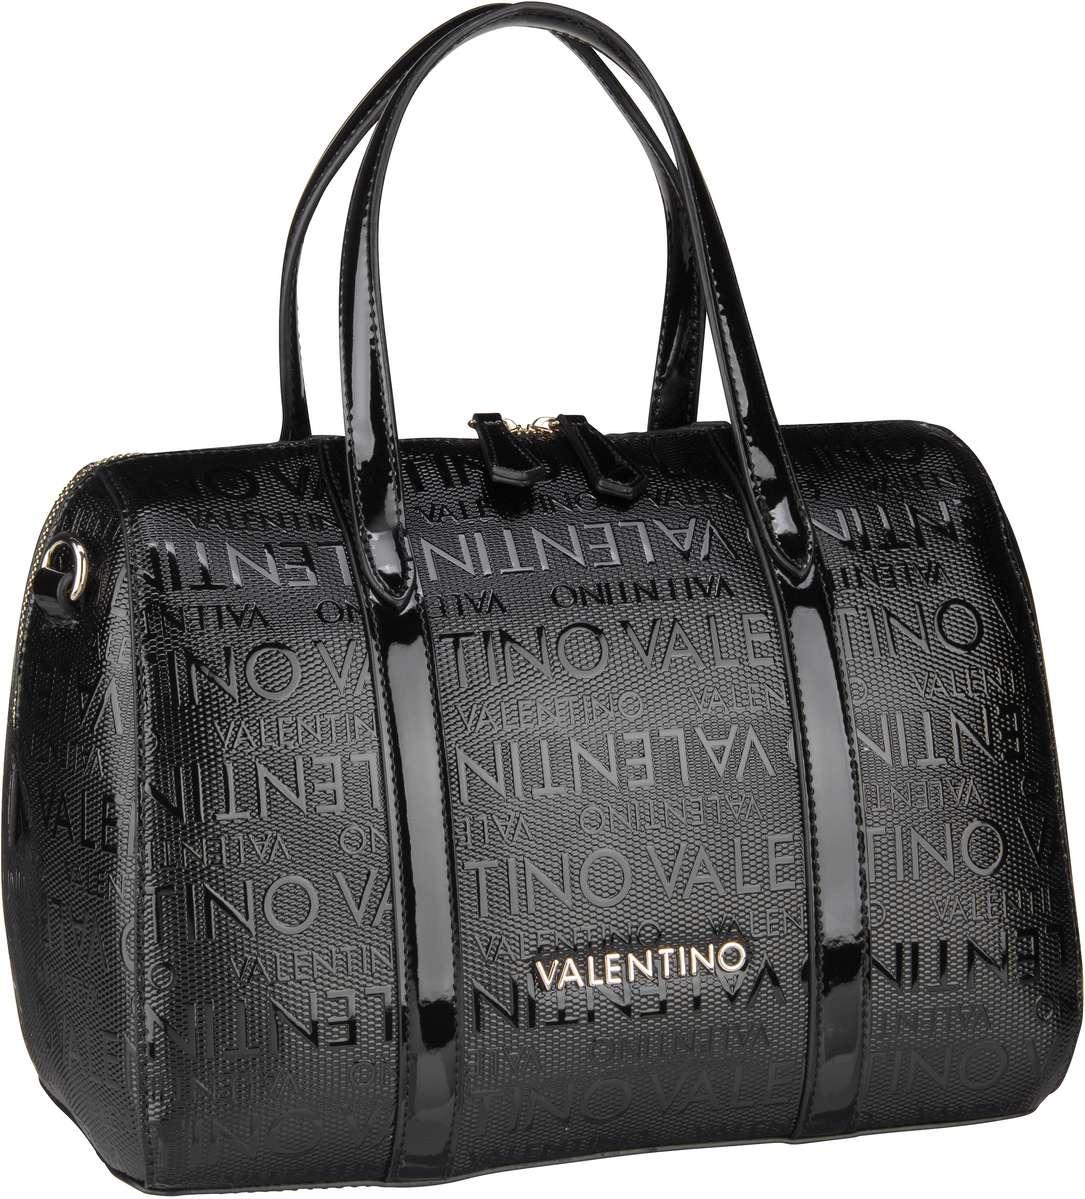 Handtasche Serenity Bauletto M03 Nero